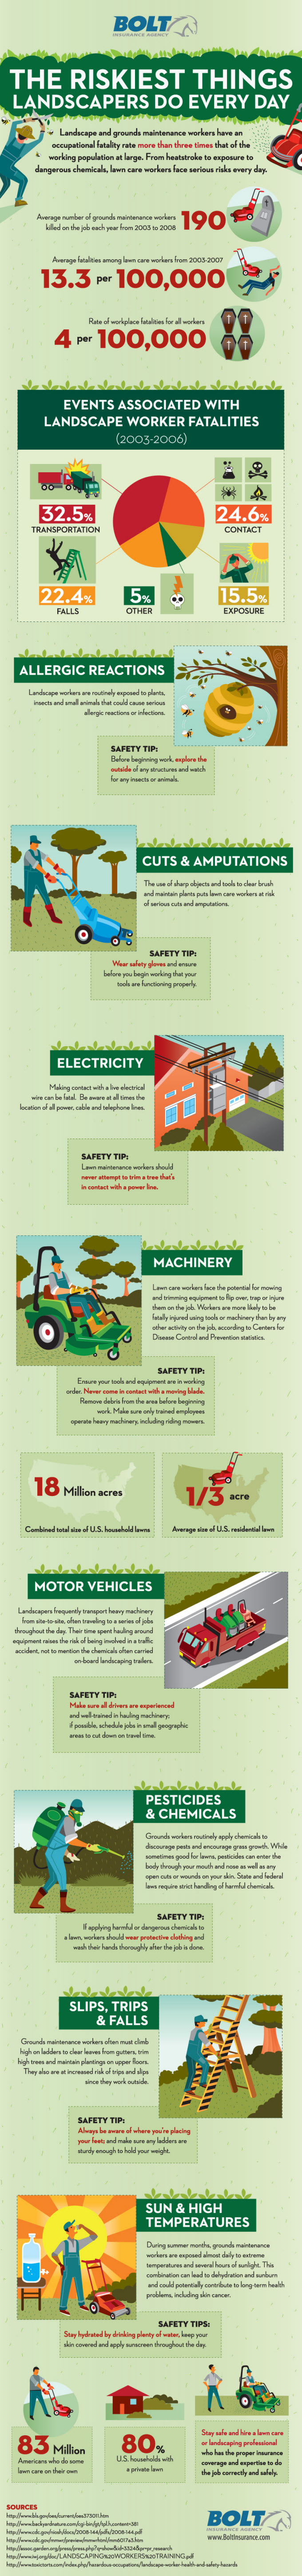 Landscaper Risks